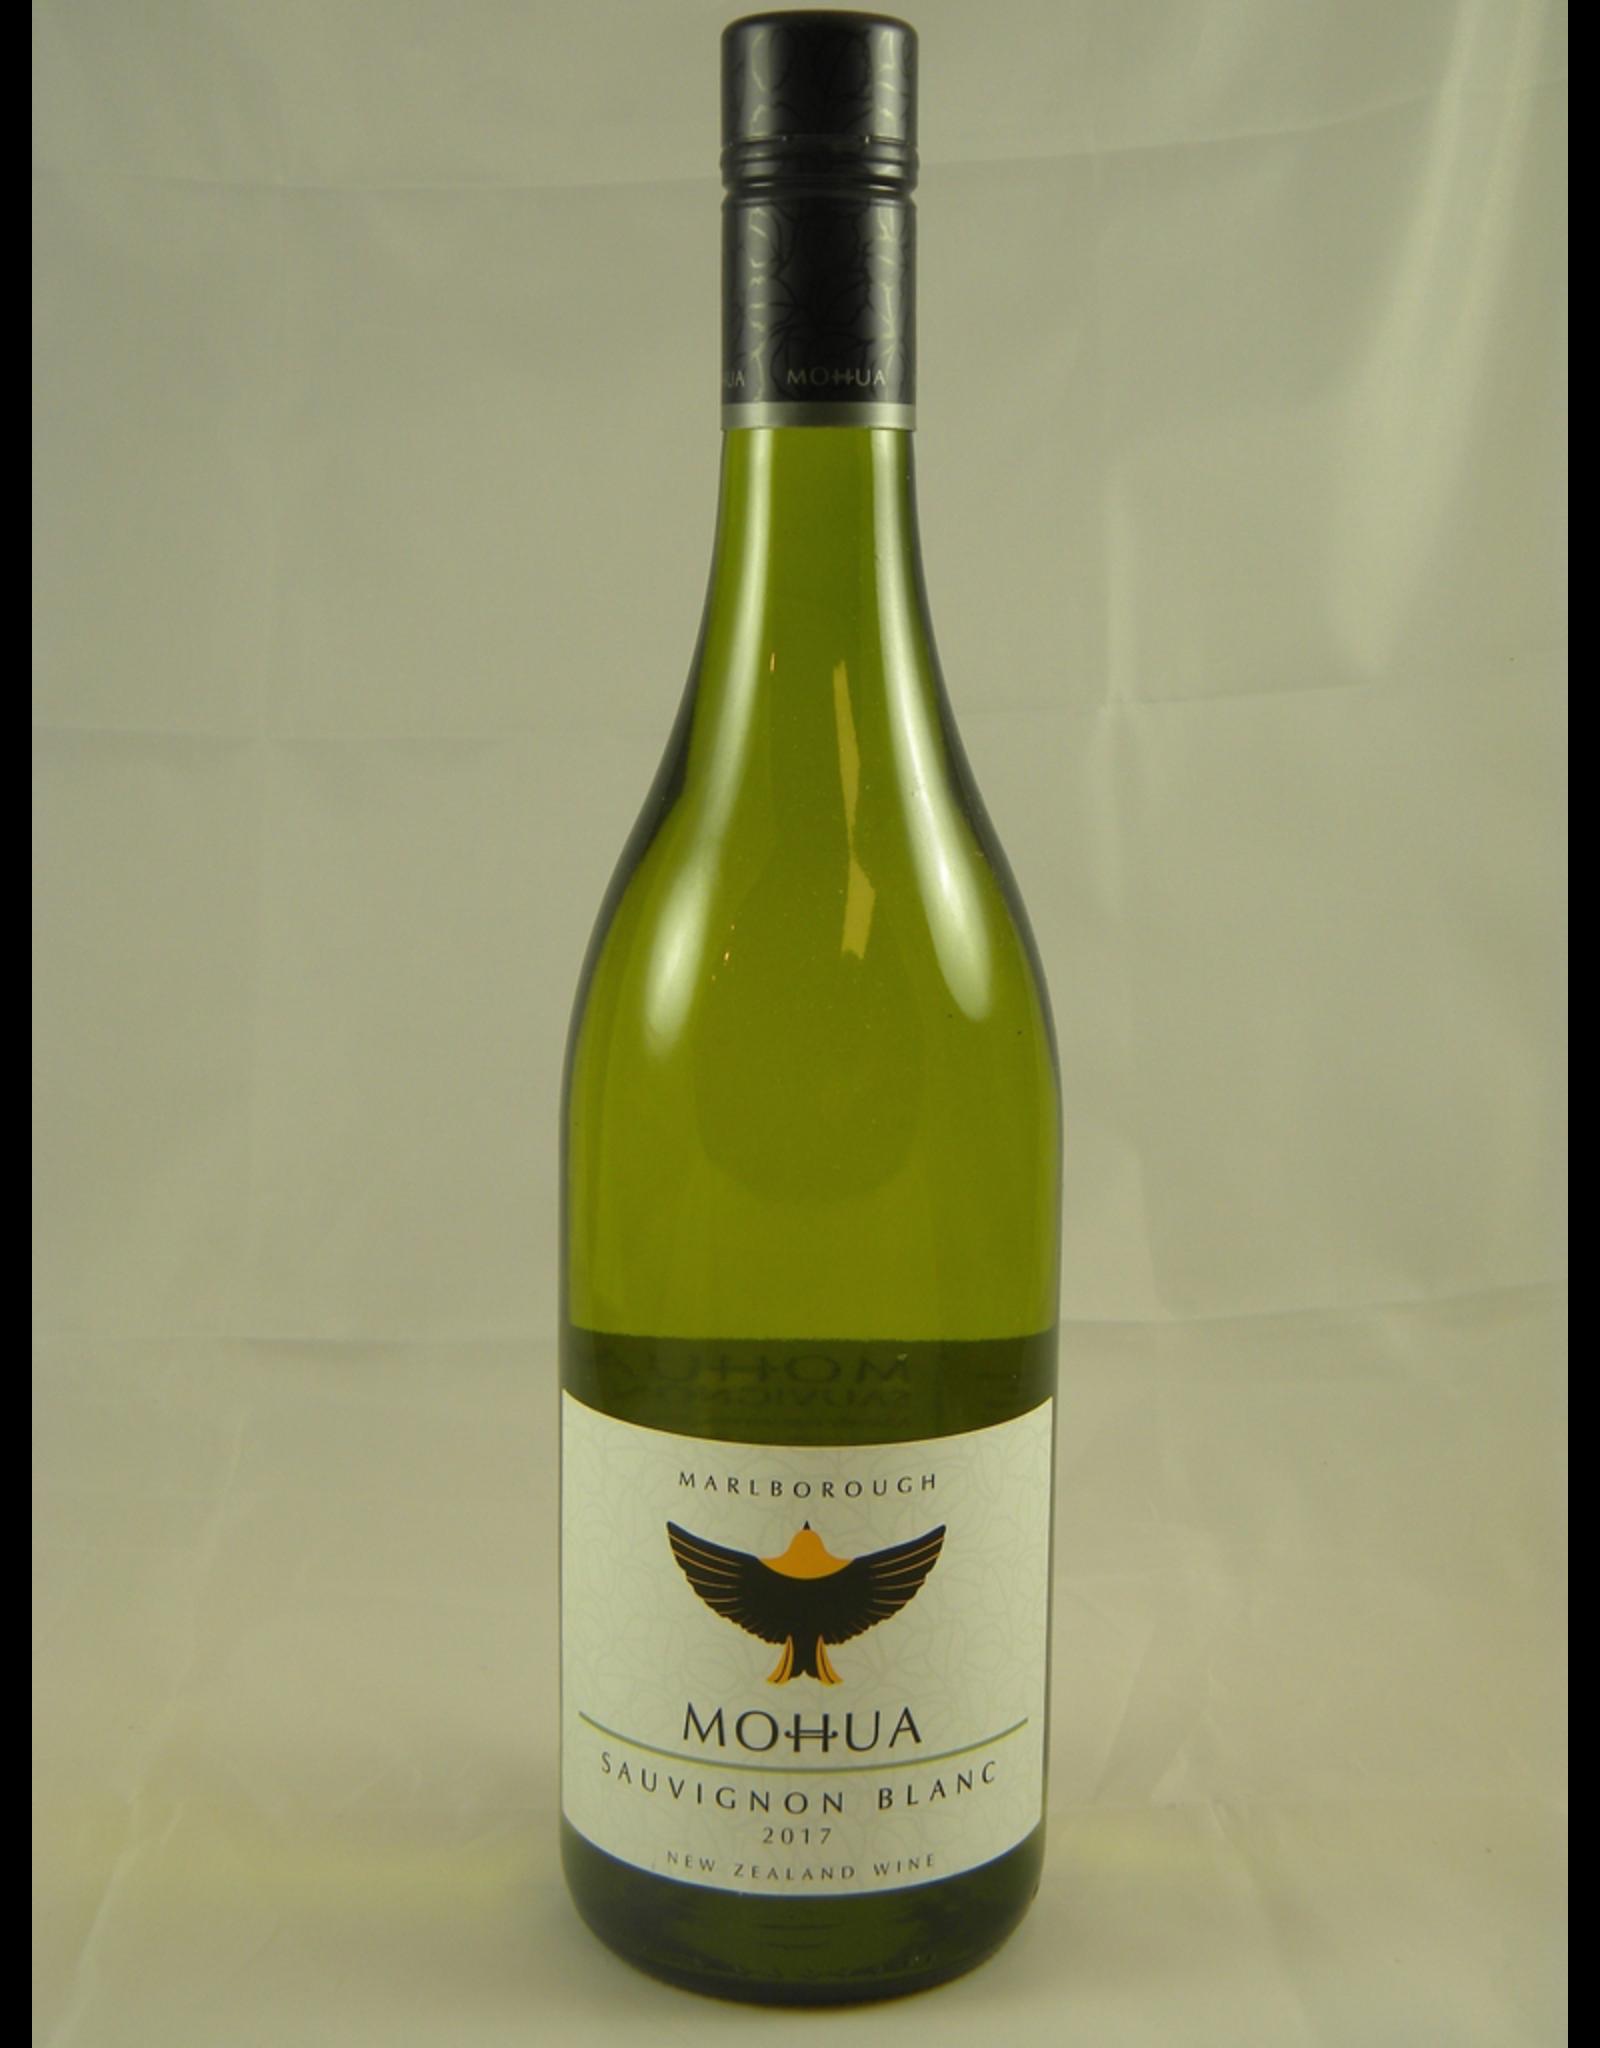 Mohua Mohua Sauvignon Blanc Marlborough 2019